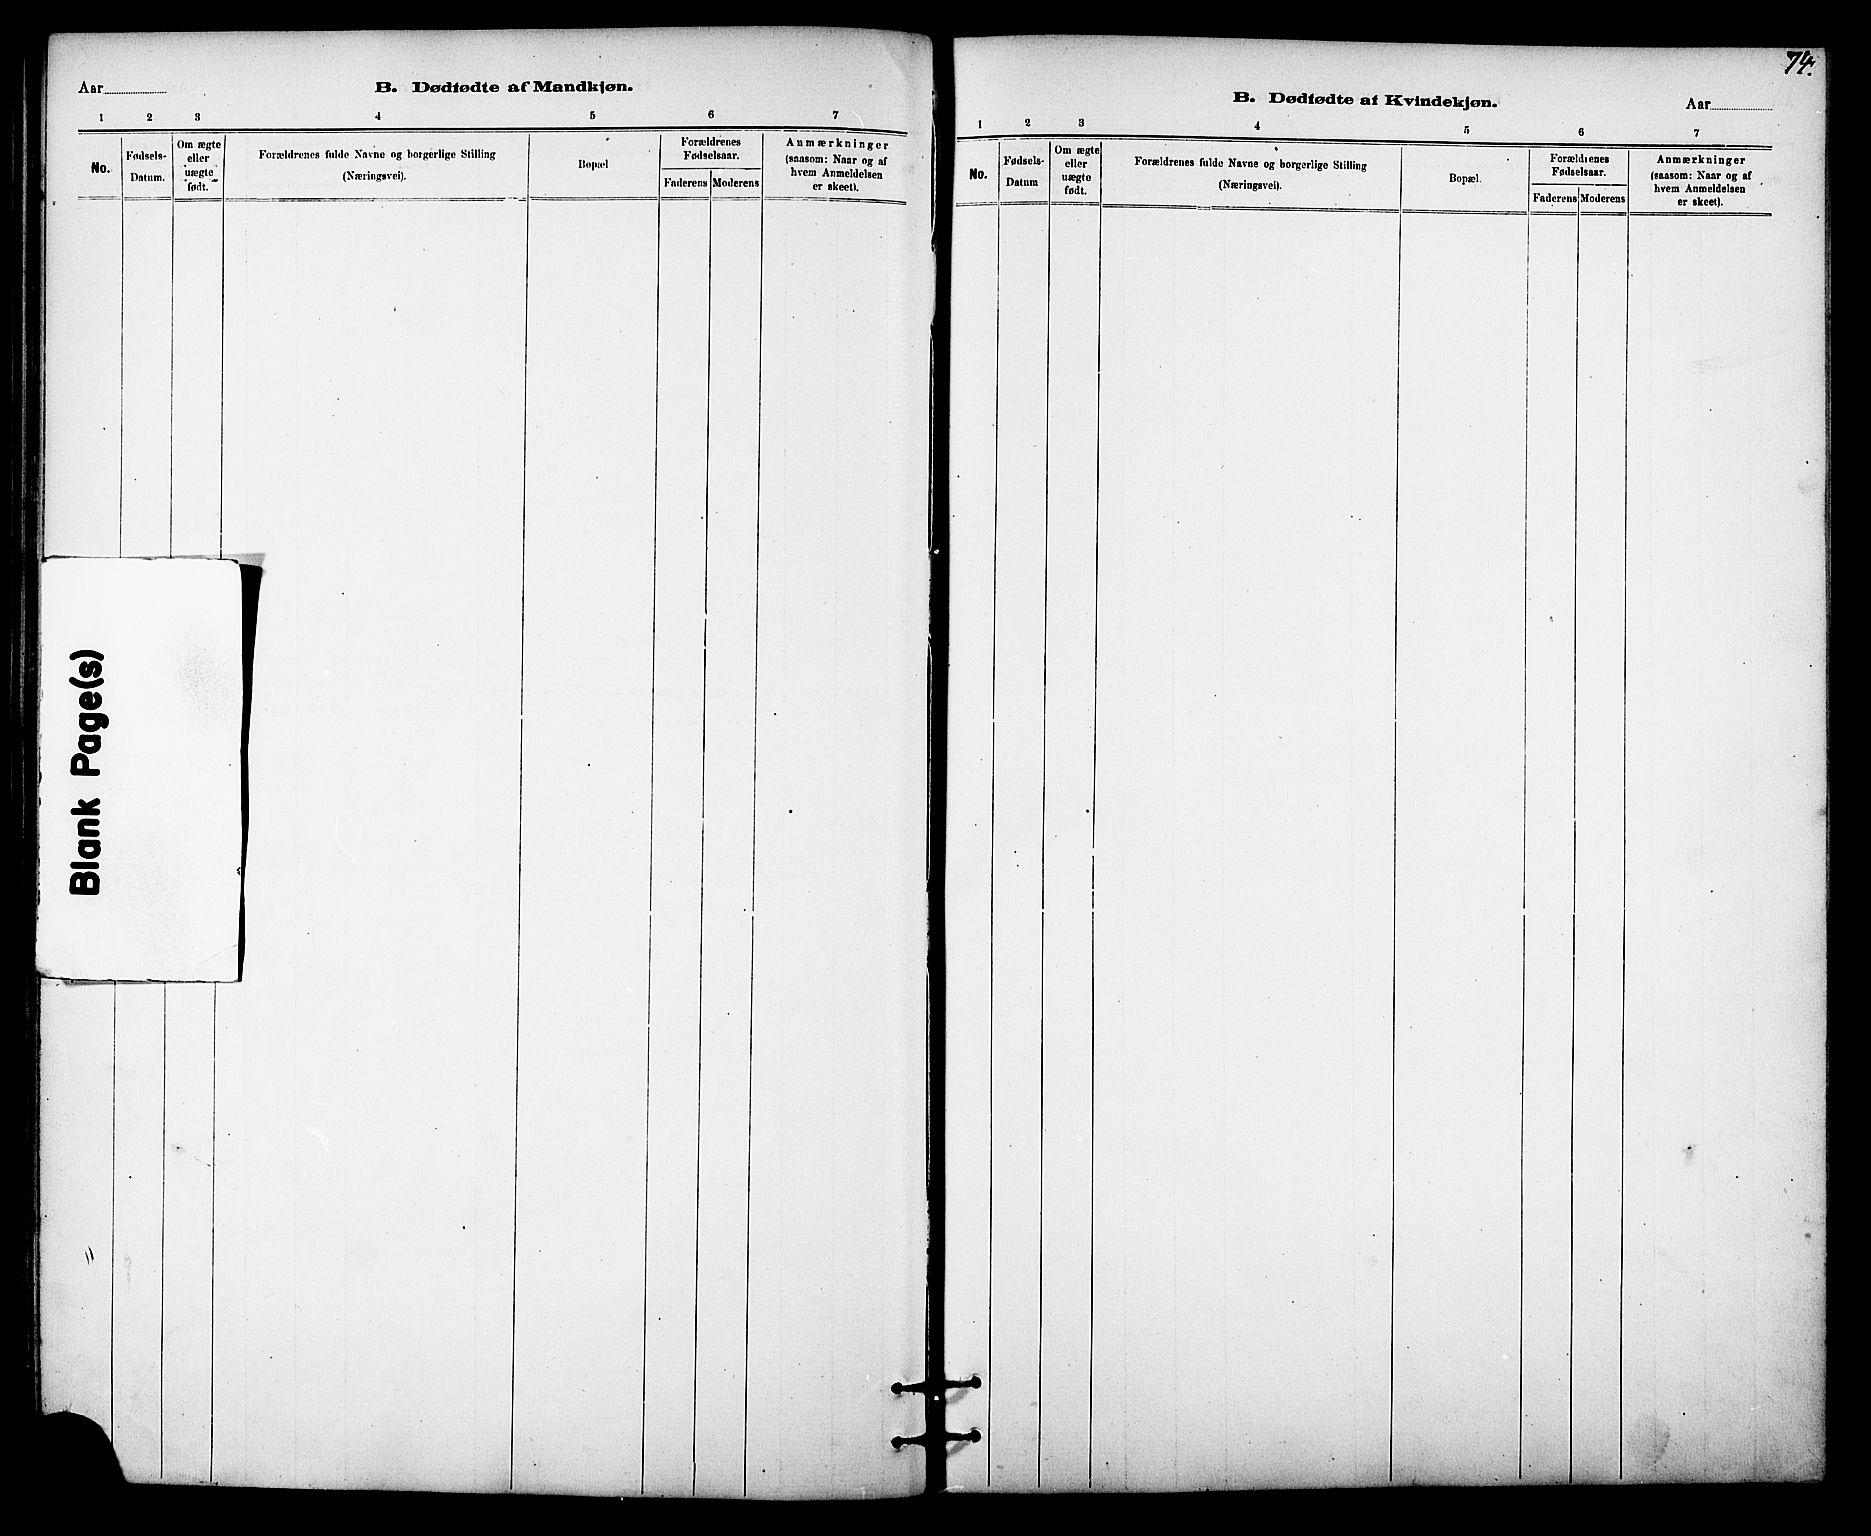 SAT, Ministerialprotokoller, klokkerbøker og fødselsregistre - Sør-Trøndelag, 613/L0395: Klokkerbok nr. 613C03, 1887-1909, s. 74